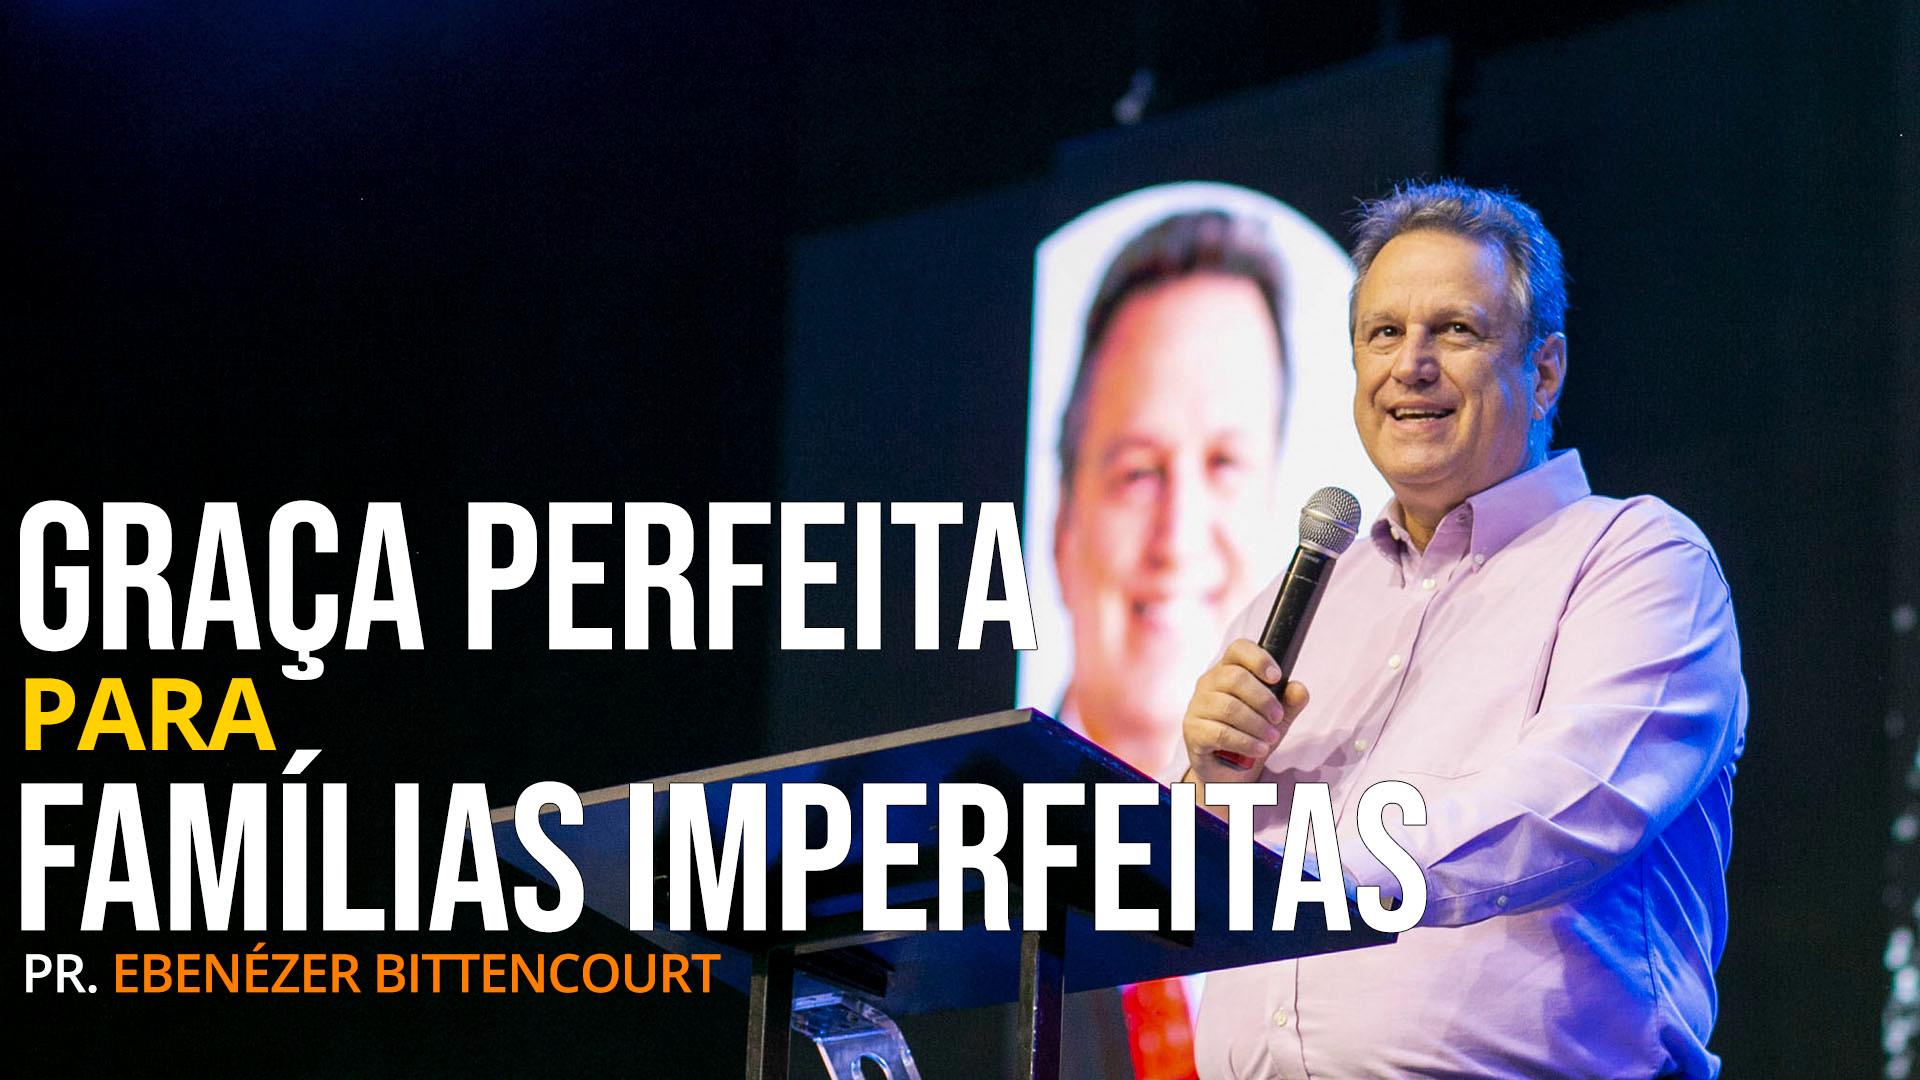 GRAÇA PERFEITA PARA FAMÍLIAS IMPERFEITAS